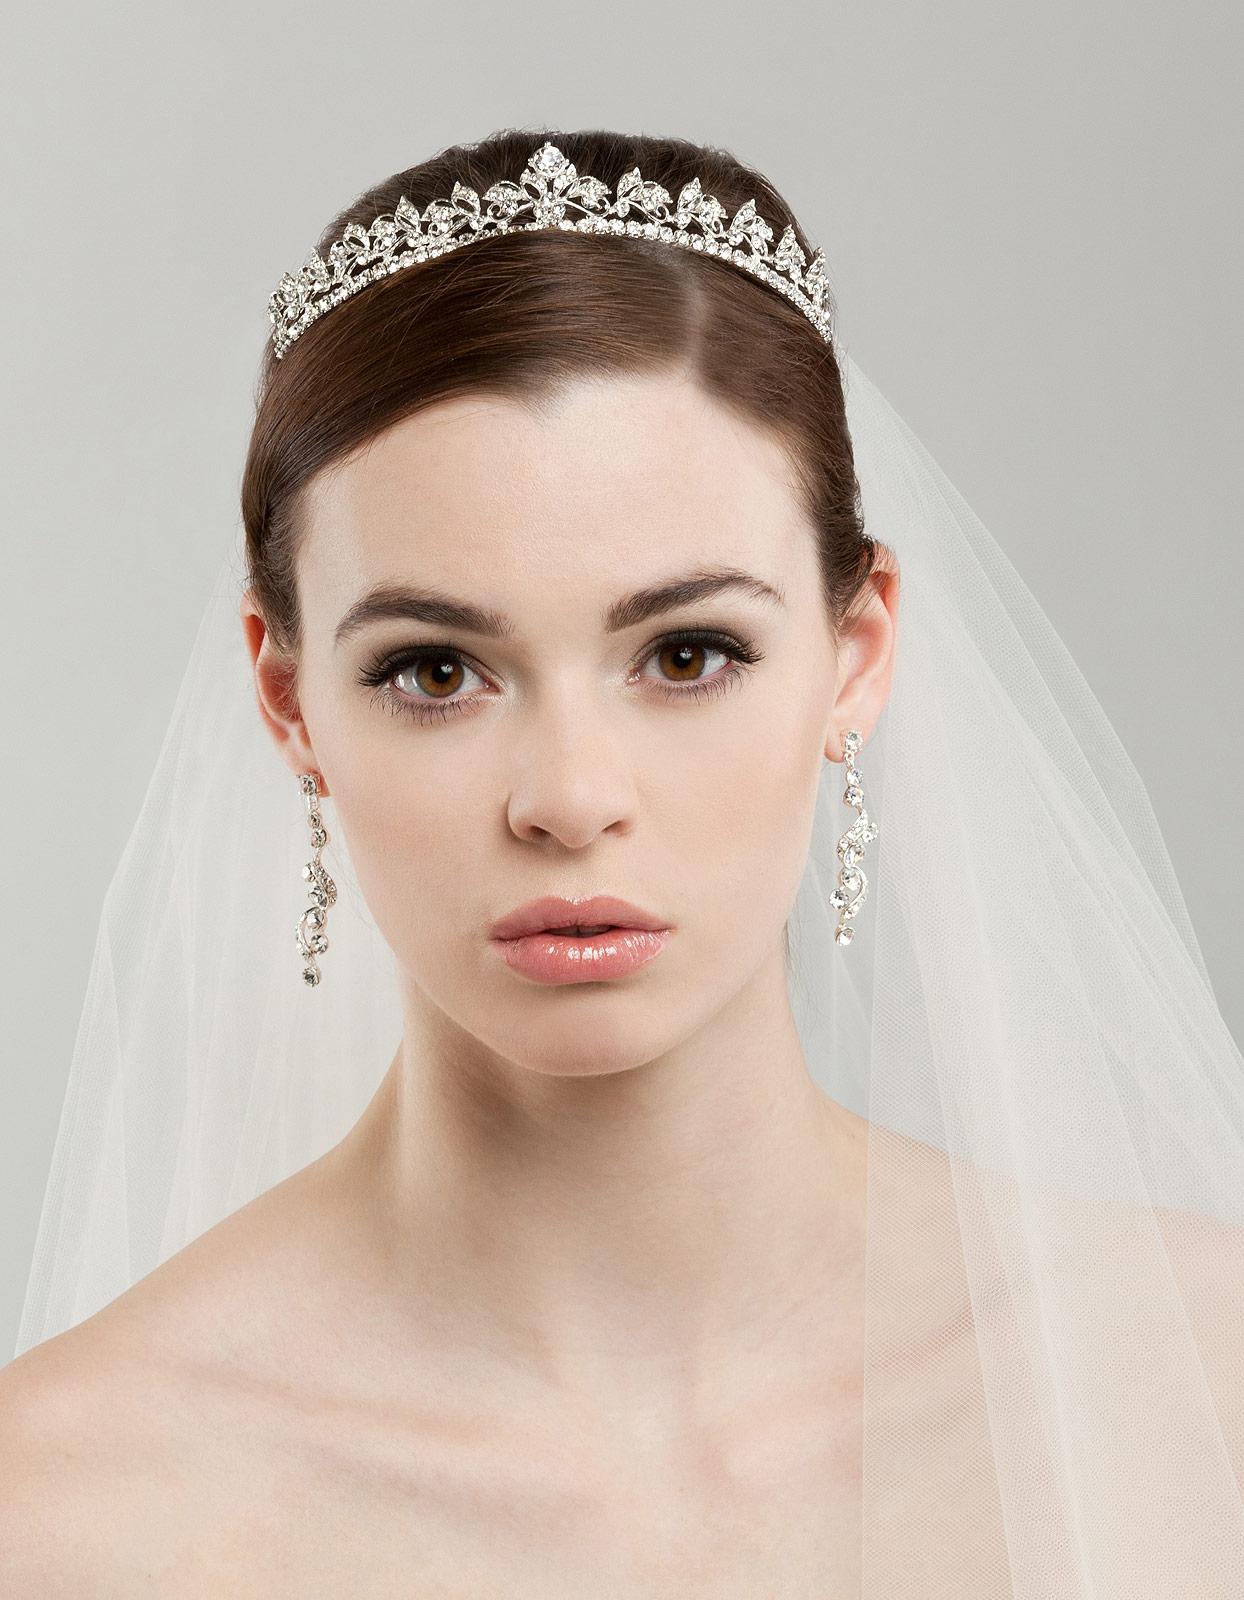 Bridal Classics Tiaras T-4197